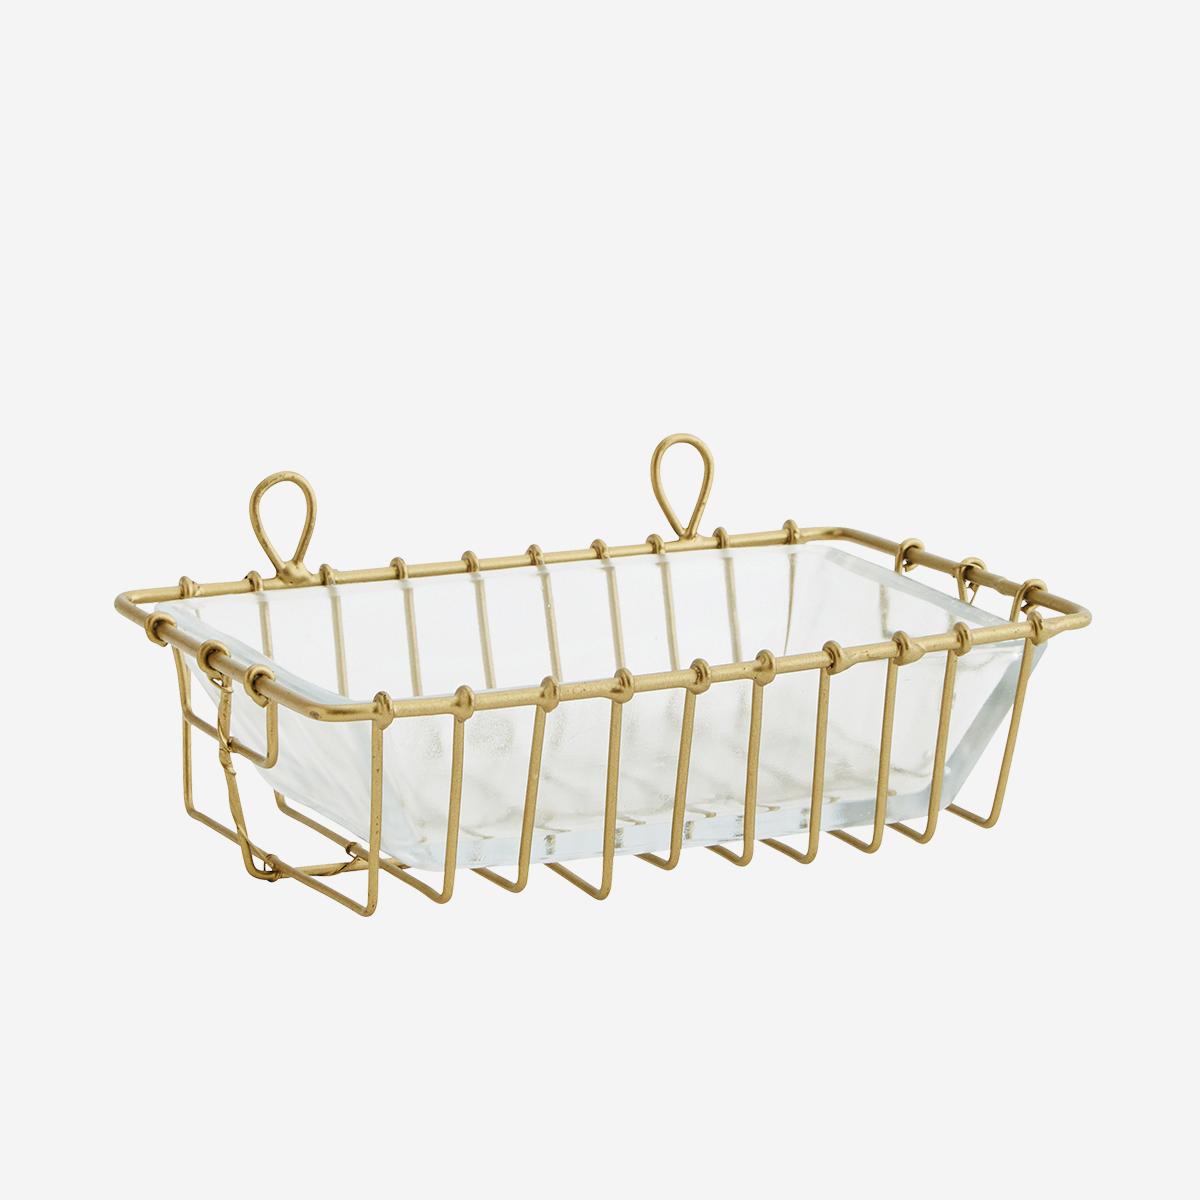 Porte-savon à suspendre en verre avec support en métal doré * Madam Stoltz